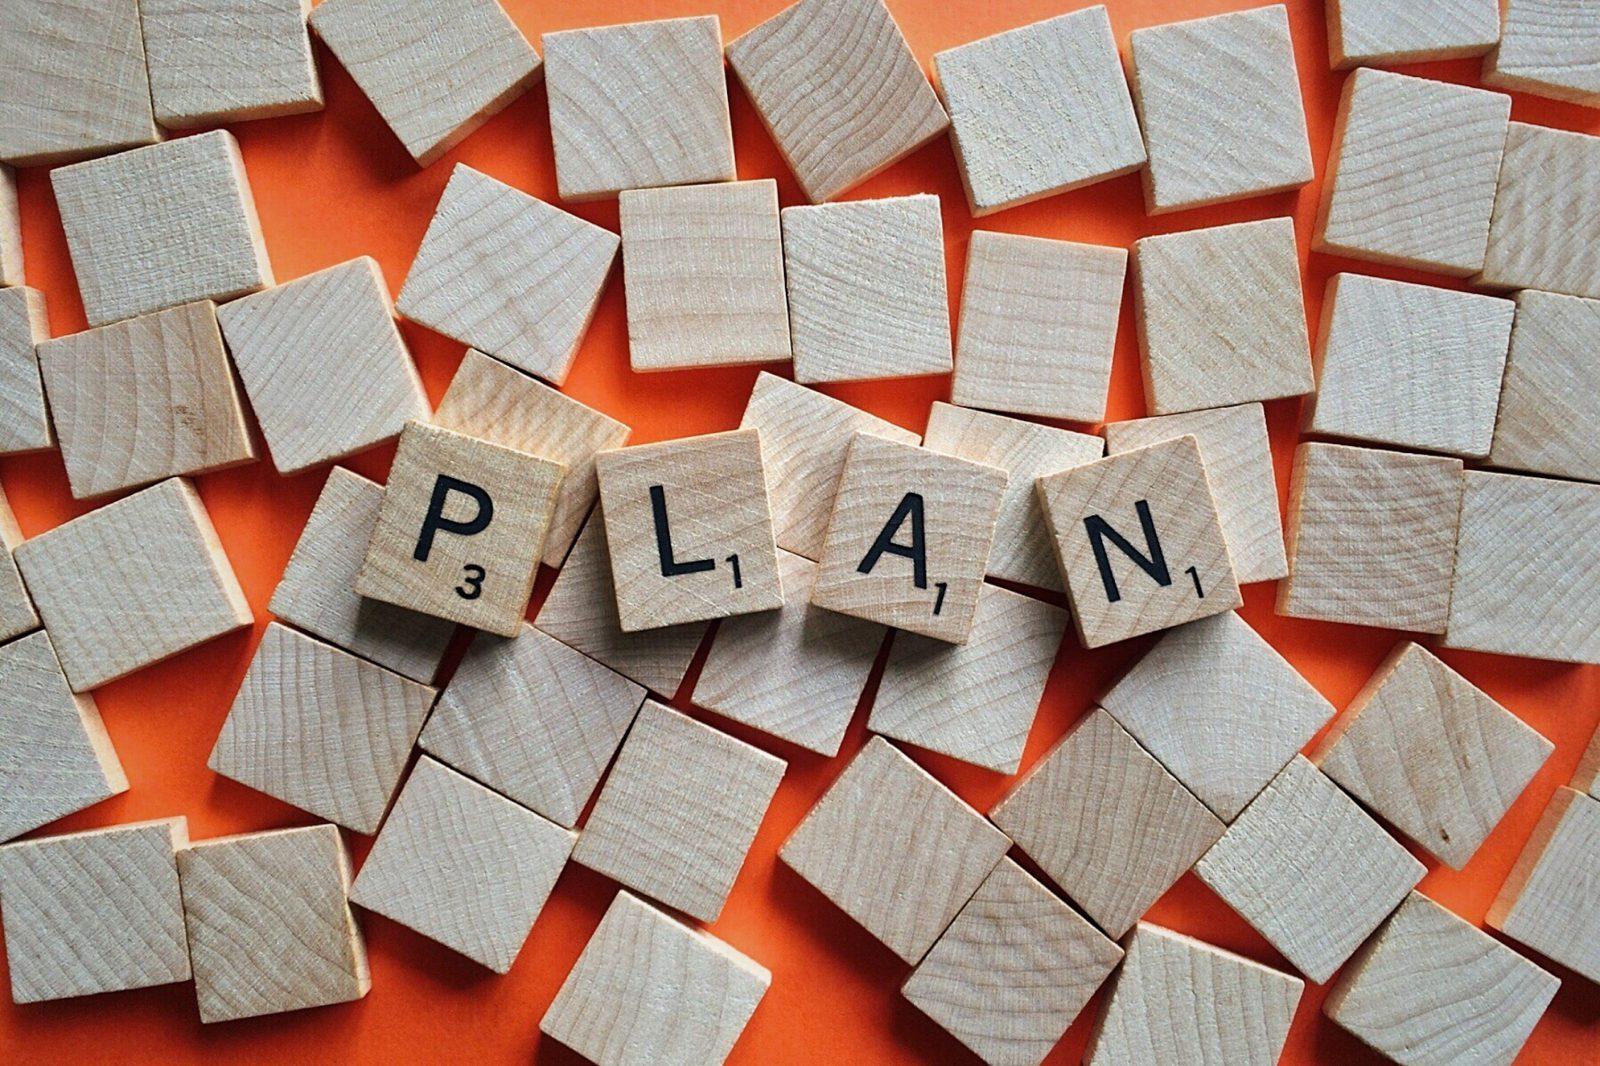 Lettres du jeu Scrabble formant le mot Plan